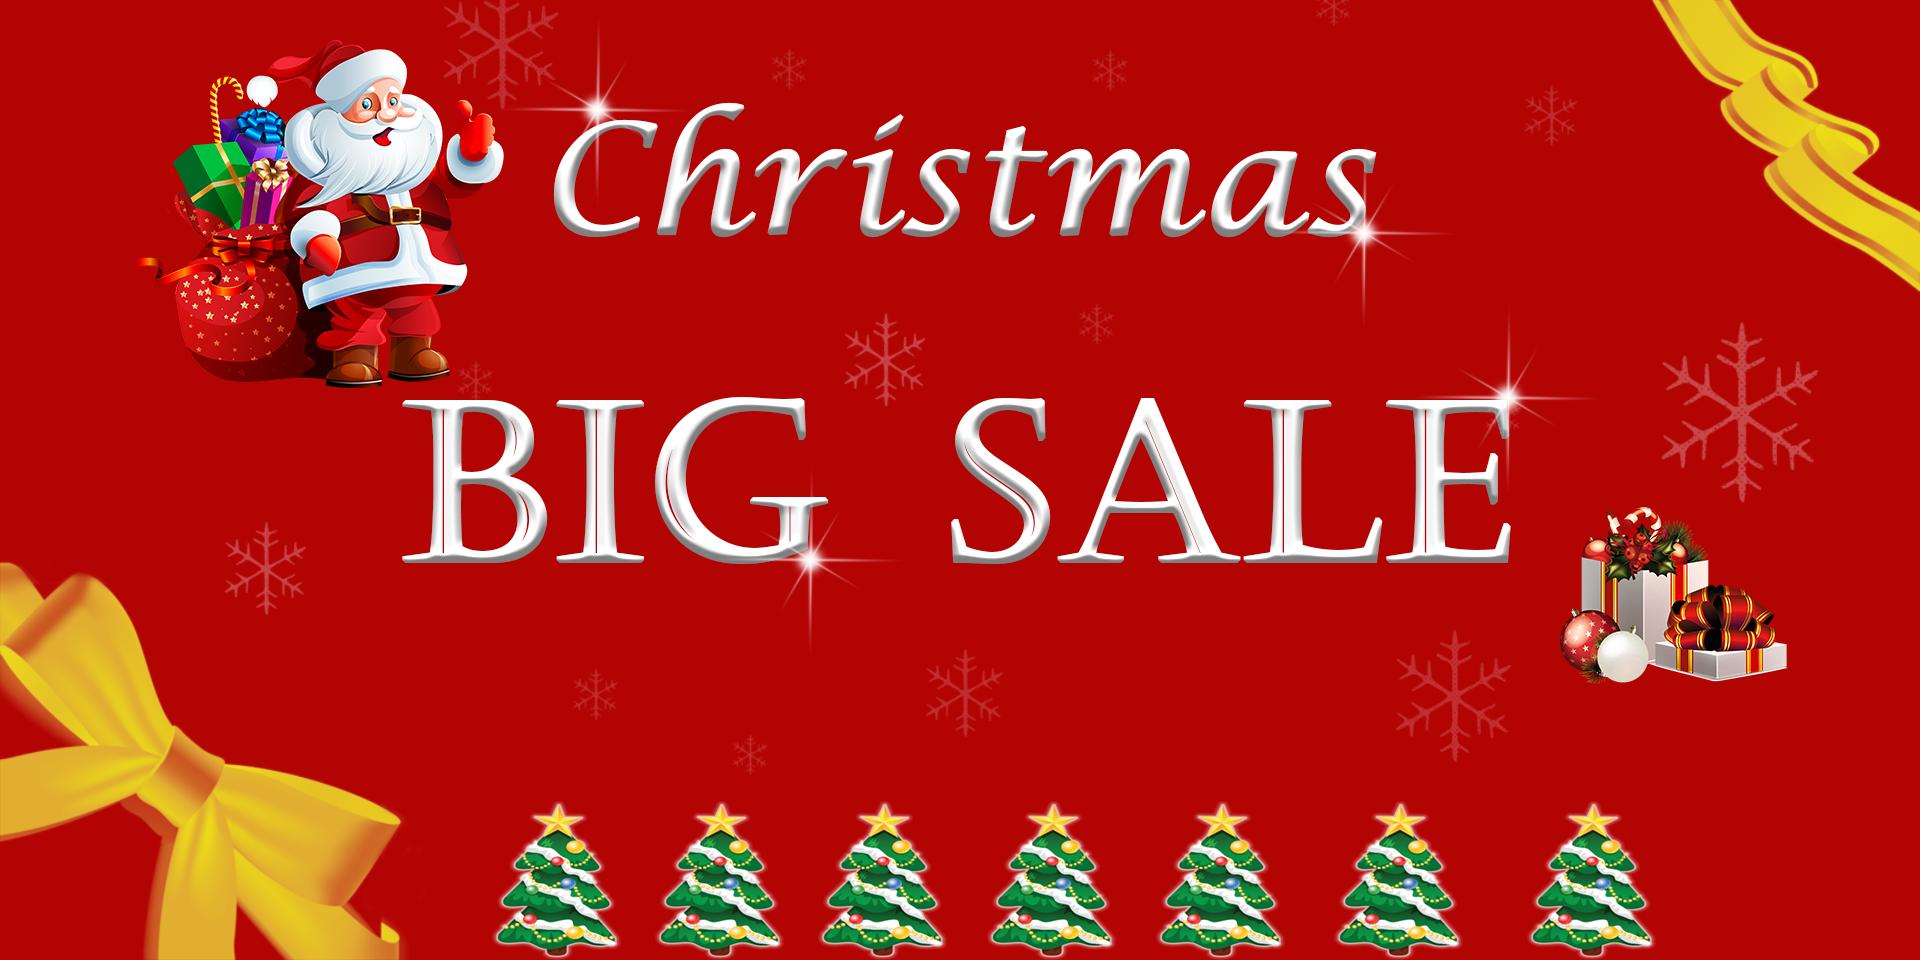 LikGo - Christmas big sale 聖誕優惠|- 嬰幼兒用品、孕婦用品專門店